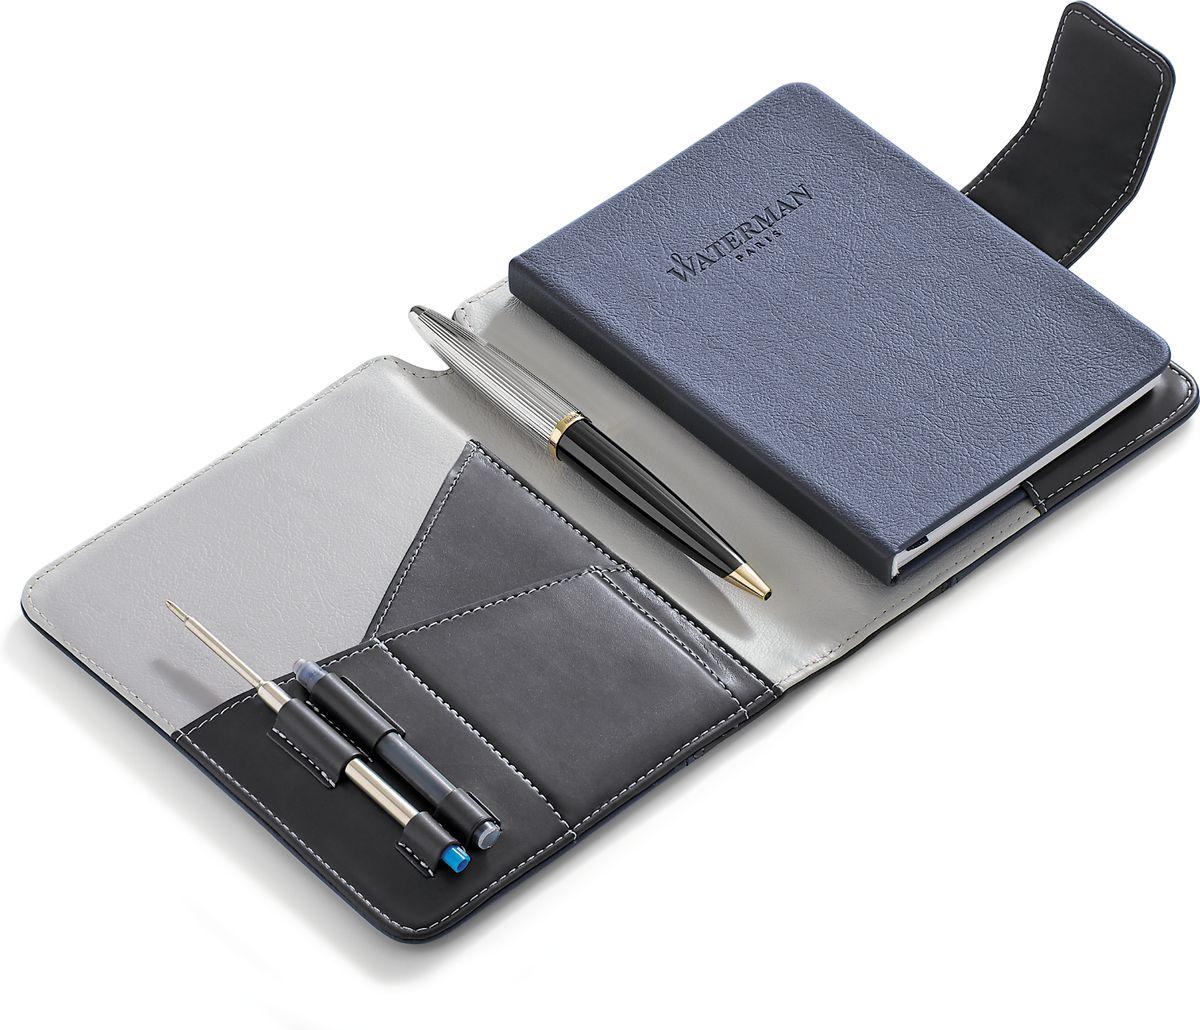 Waterman Шариковая ручка Carene Deluxe Black GT с блокнотом роллер carene amber gt waterman